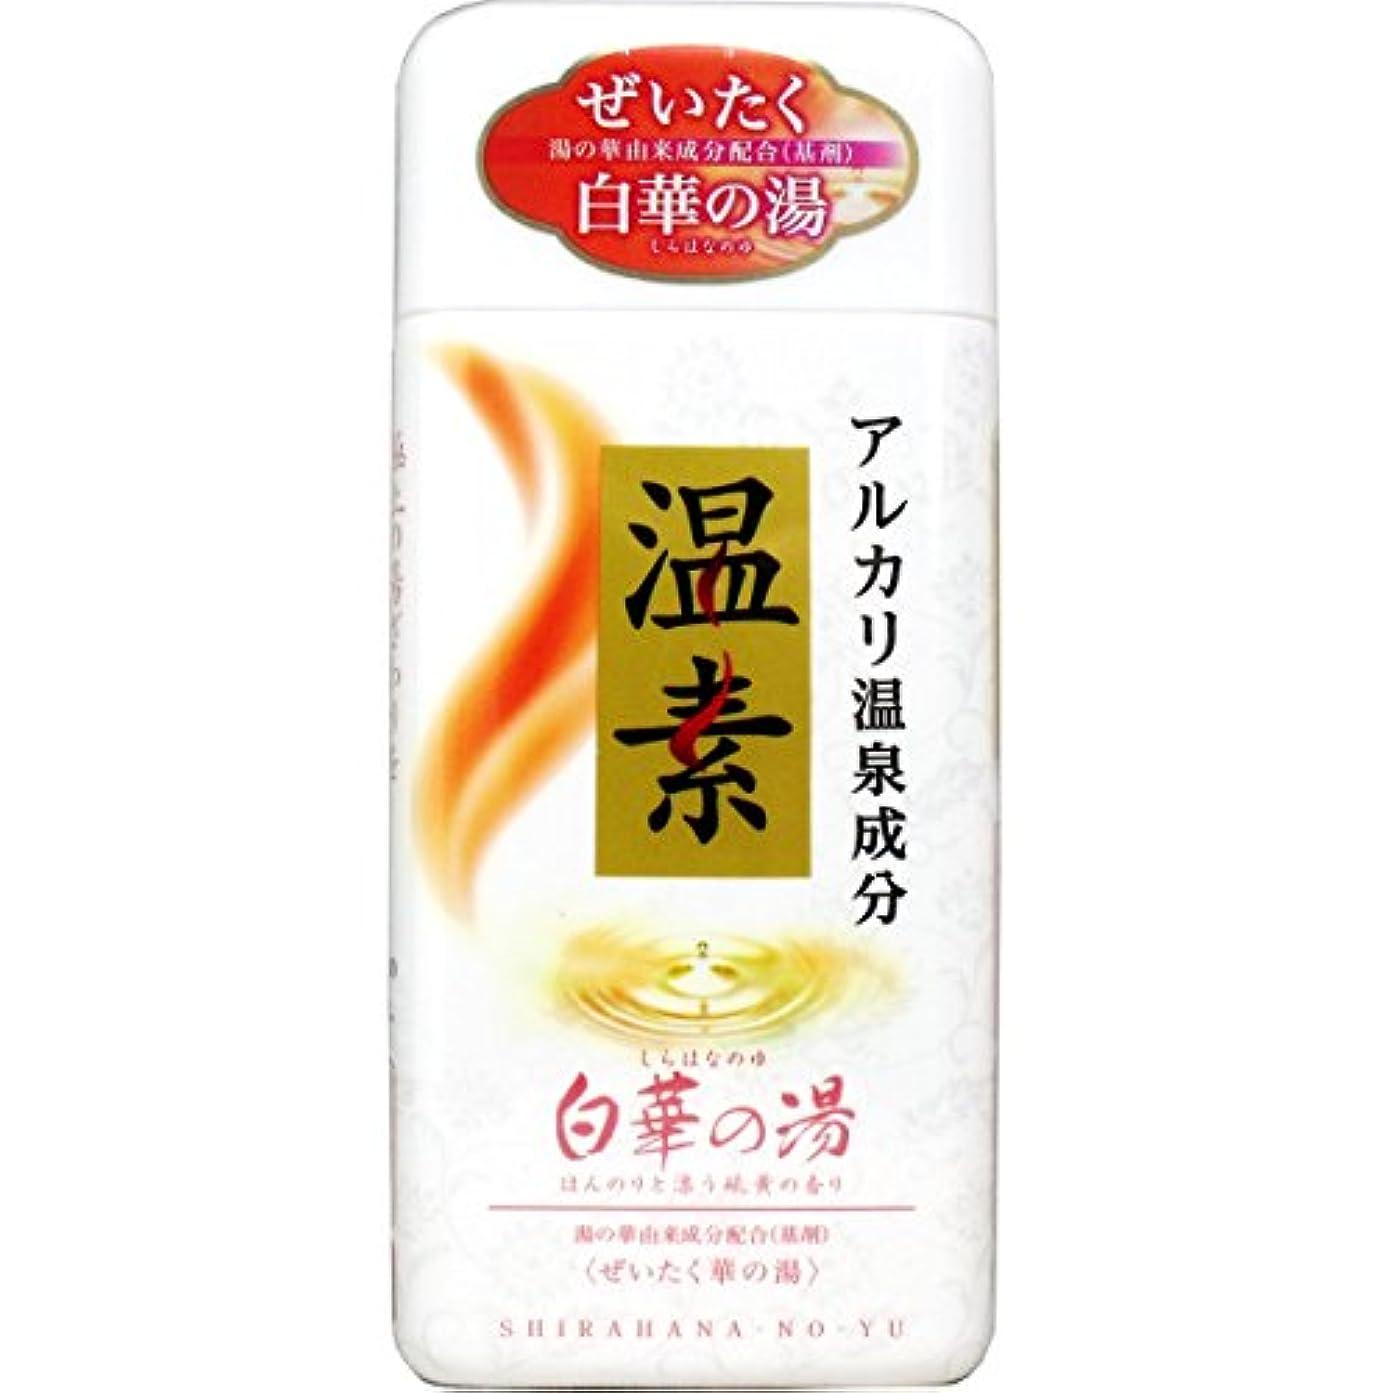 資料警告評価する入浴剤 ぜいたく華の湯 リラックス用品 アルカリ温泉成分 温素 入浴剤 白華の湯 硫黄の香り 600g入